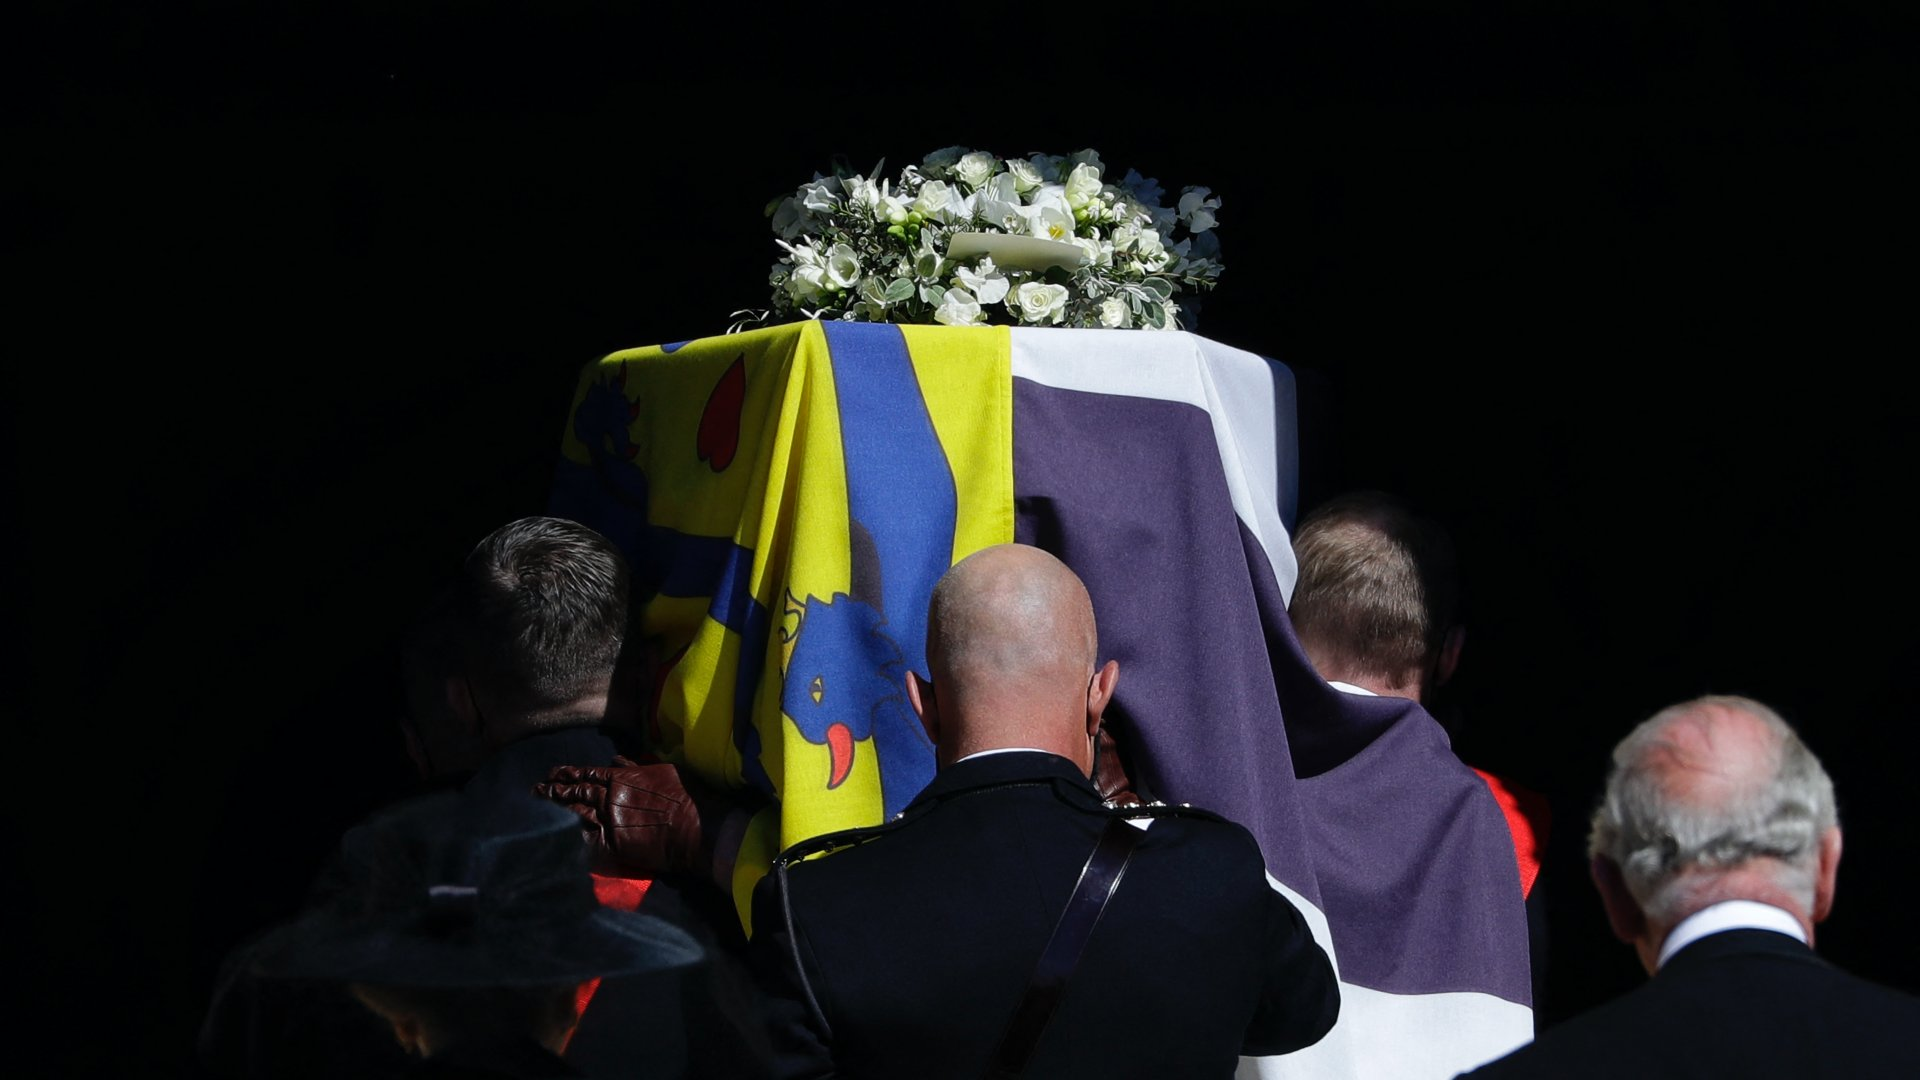 Fülöp herceg koporsóját viszik a temetésen